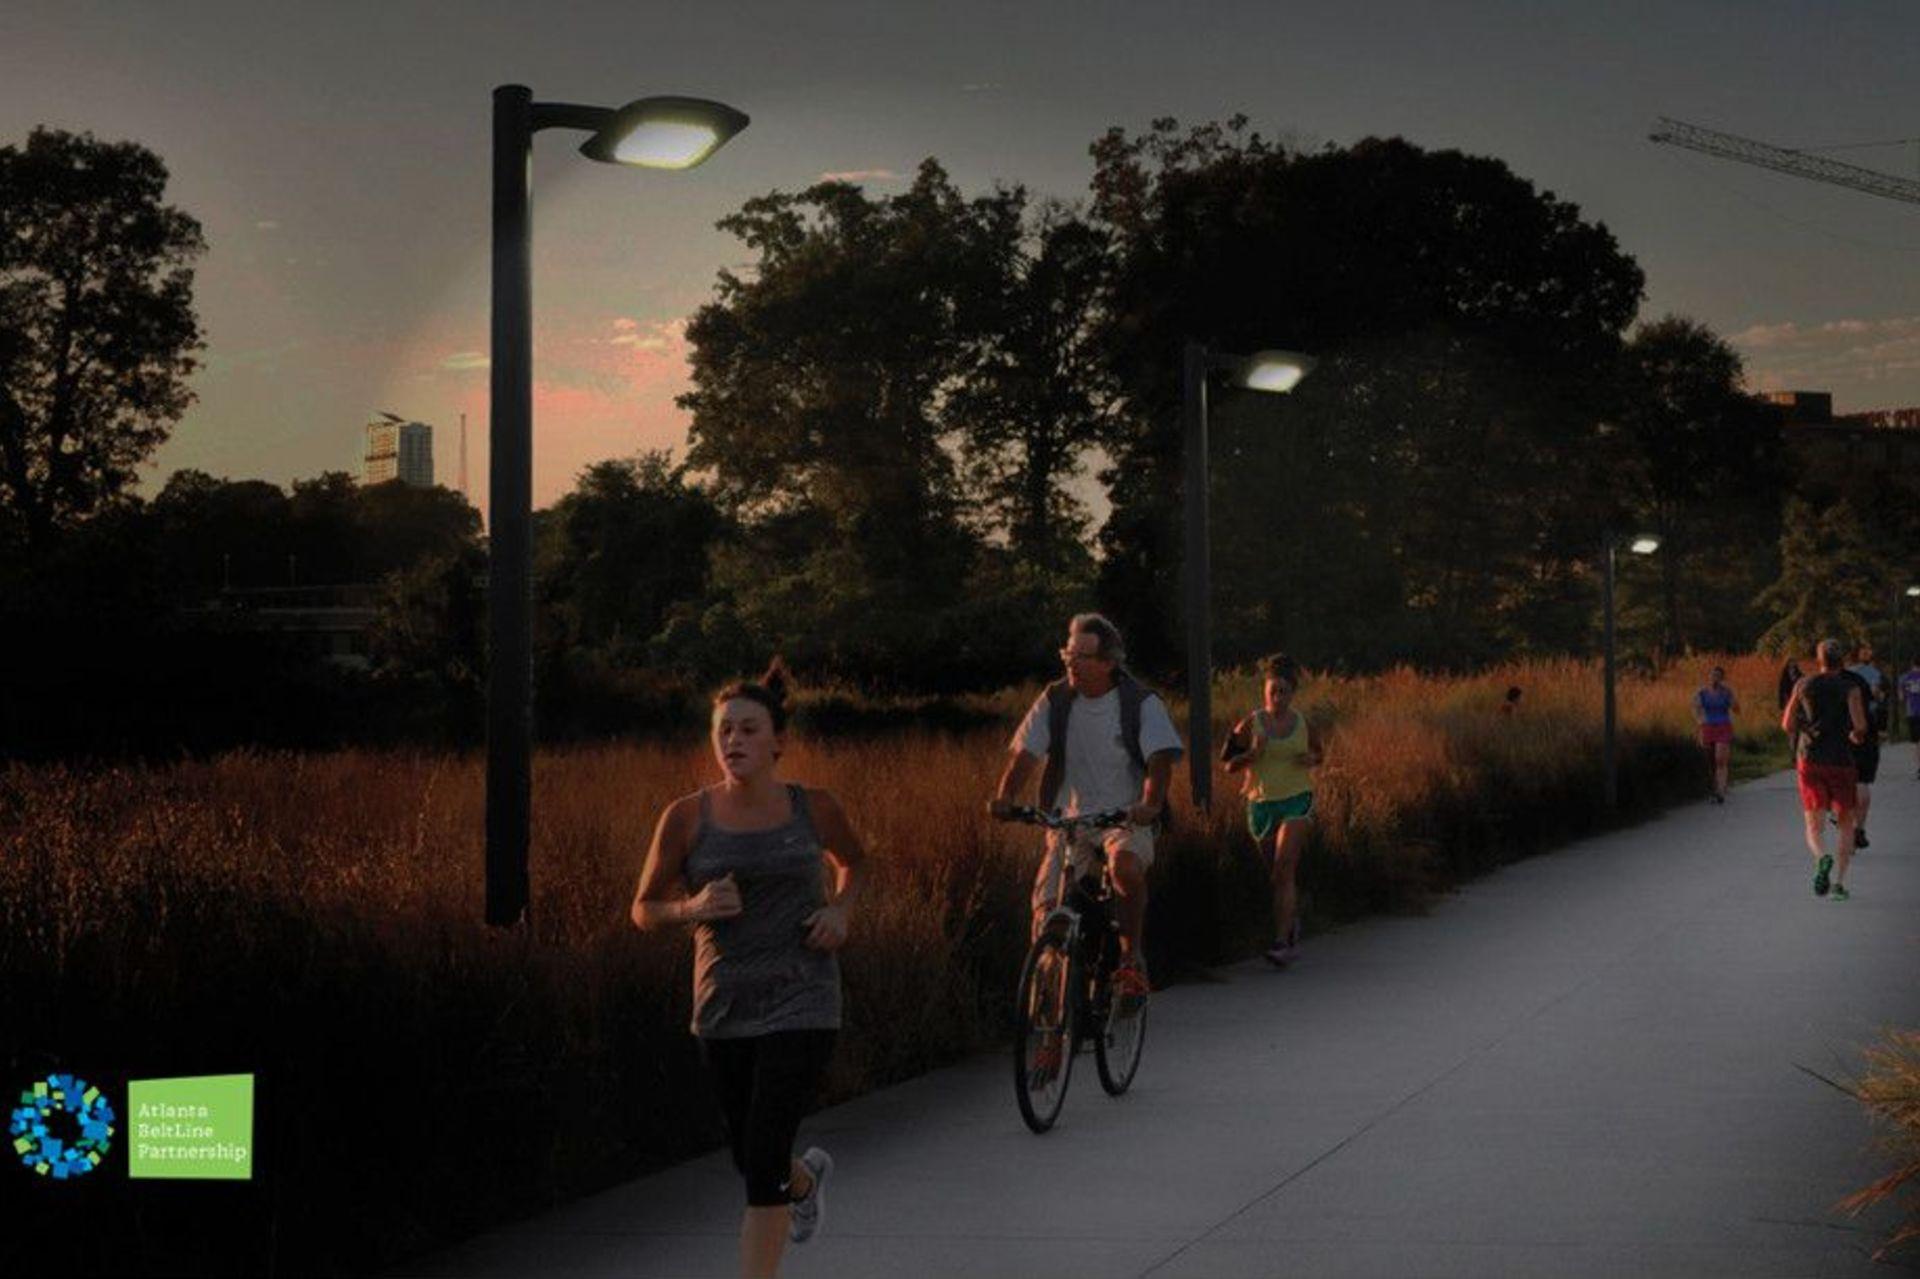 Beltline's long-awaited Eastside Trail lighting inches toward realization